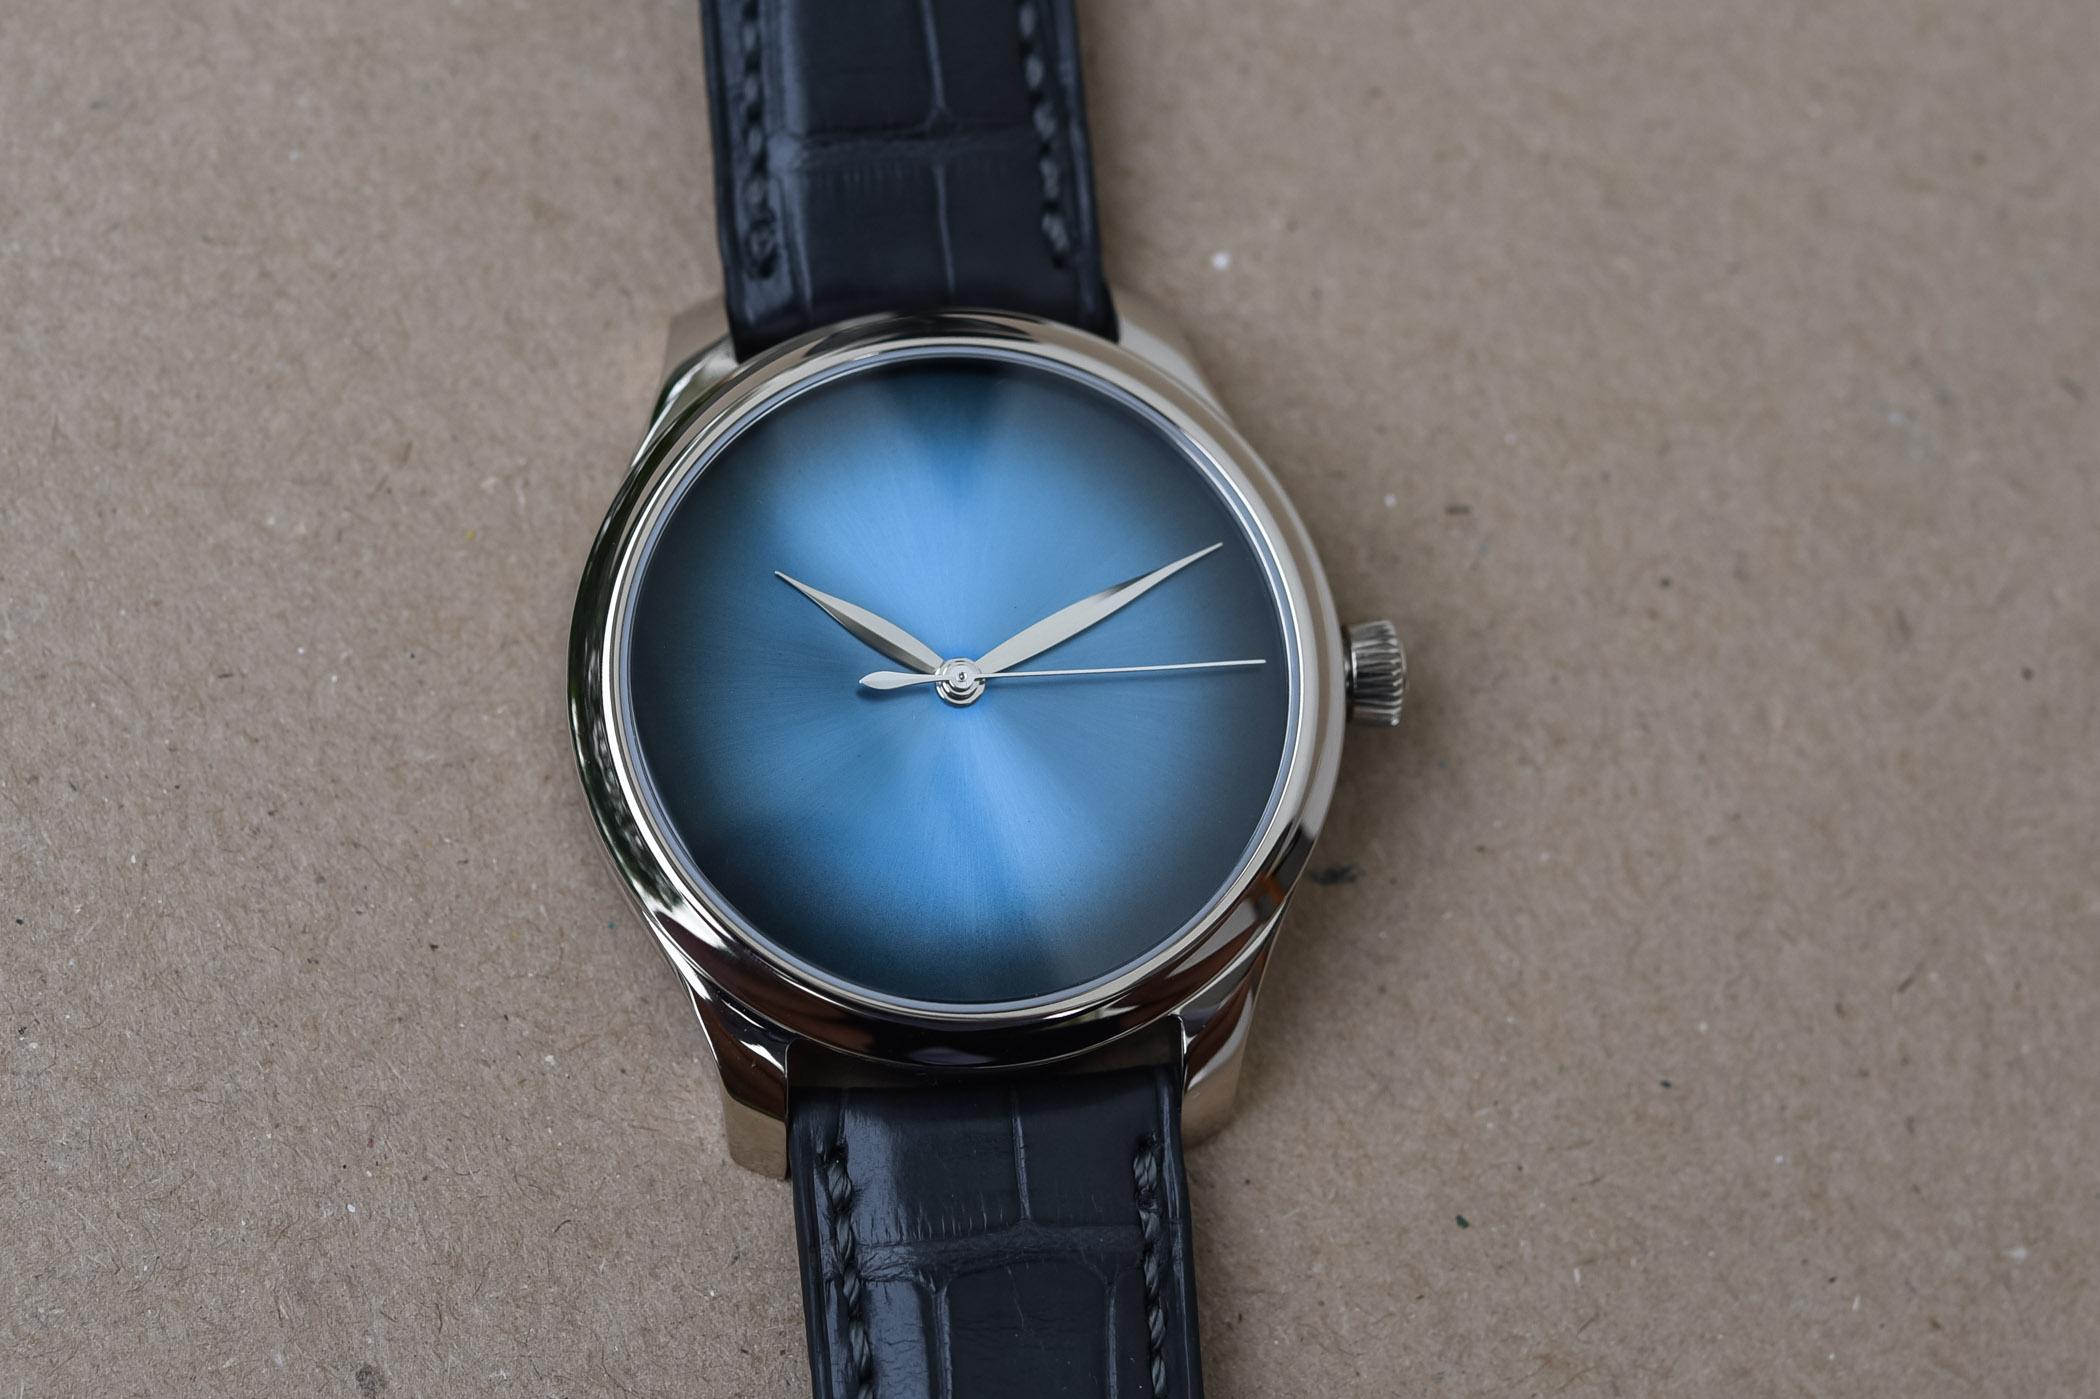 H Moser Cie Endeavour Centre Seconds Concept Funky Blue - 5